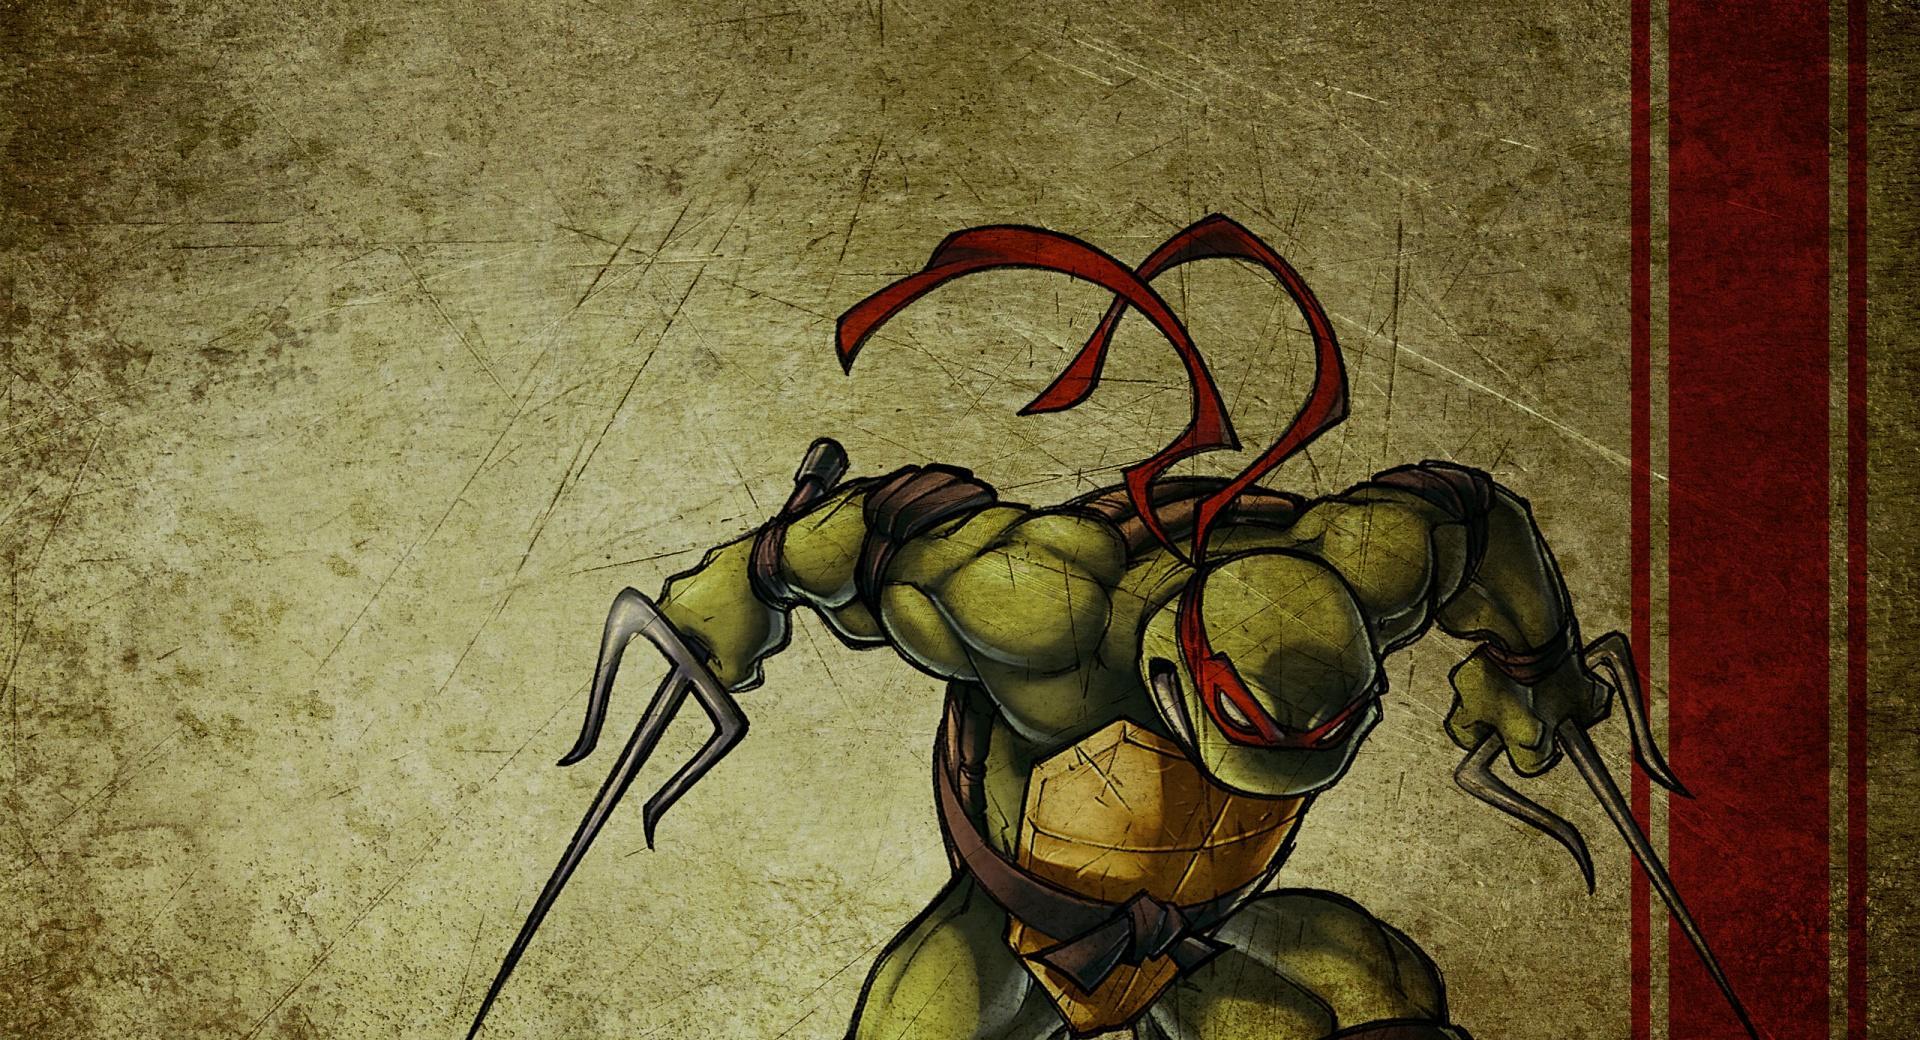 Raphael  Teenage Mutant Ninja Turtles wallpapers HD quality